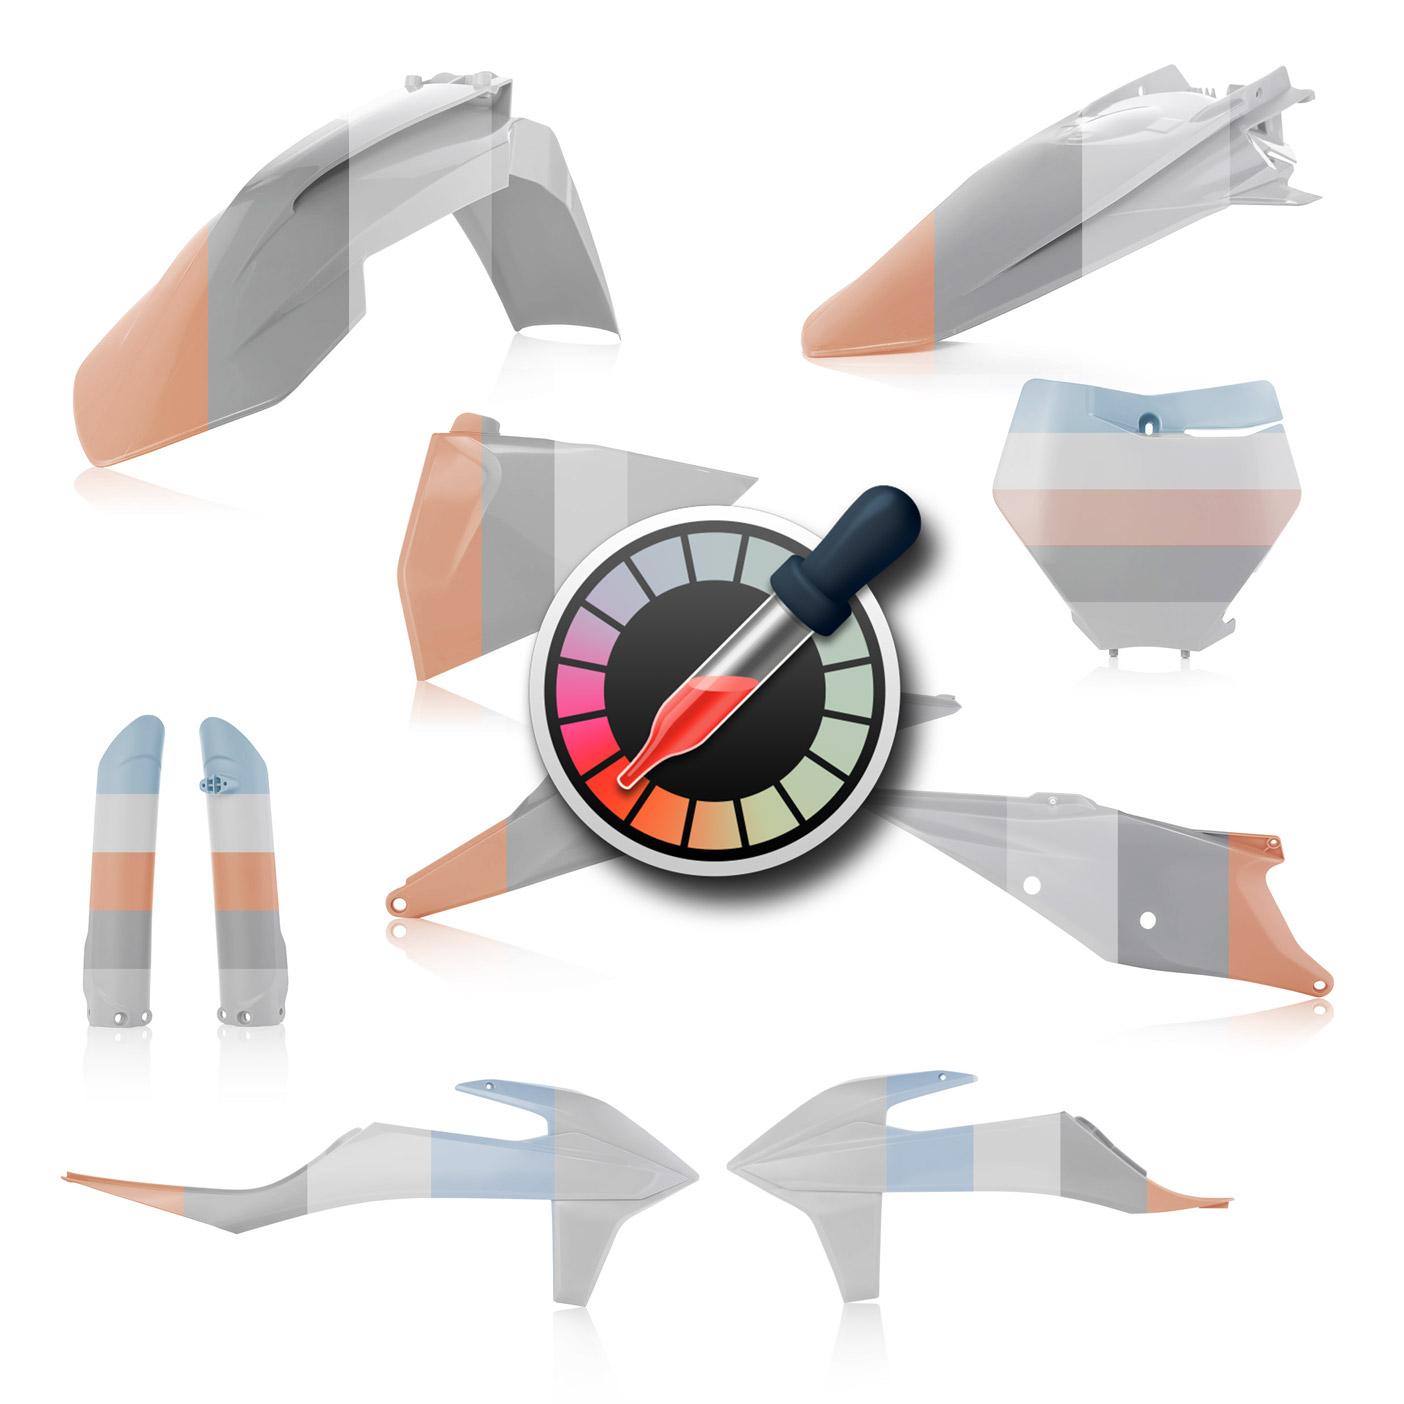 Plastikteile für KTM SX und SXF in deinen Wunschfarben, bestehend aus Frontkotflügel, Heckkotflügel, Tankspoiler, Gabelschoner, Nummerntafeln und Front-Nummerntafel